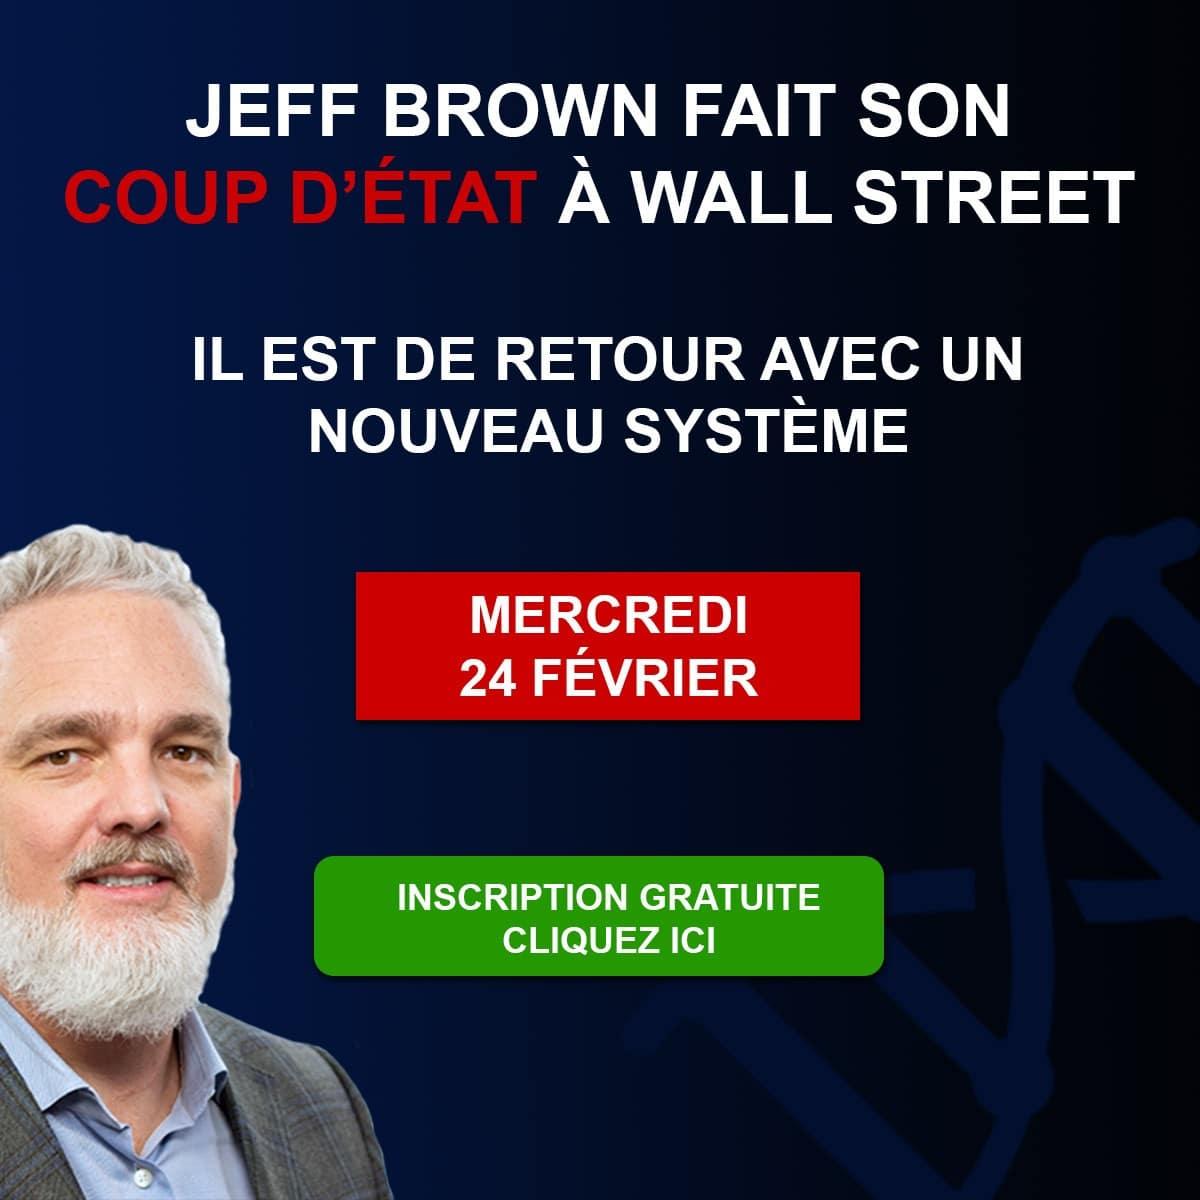 Jeff Brown coup d'état